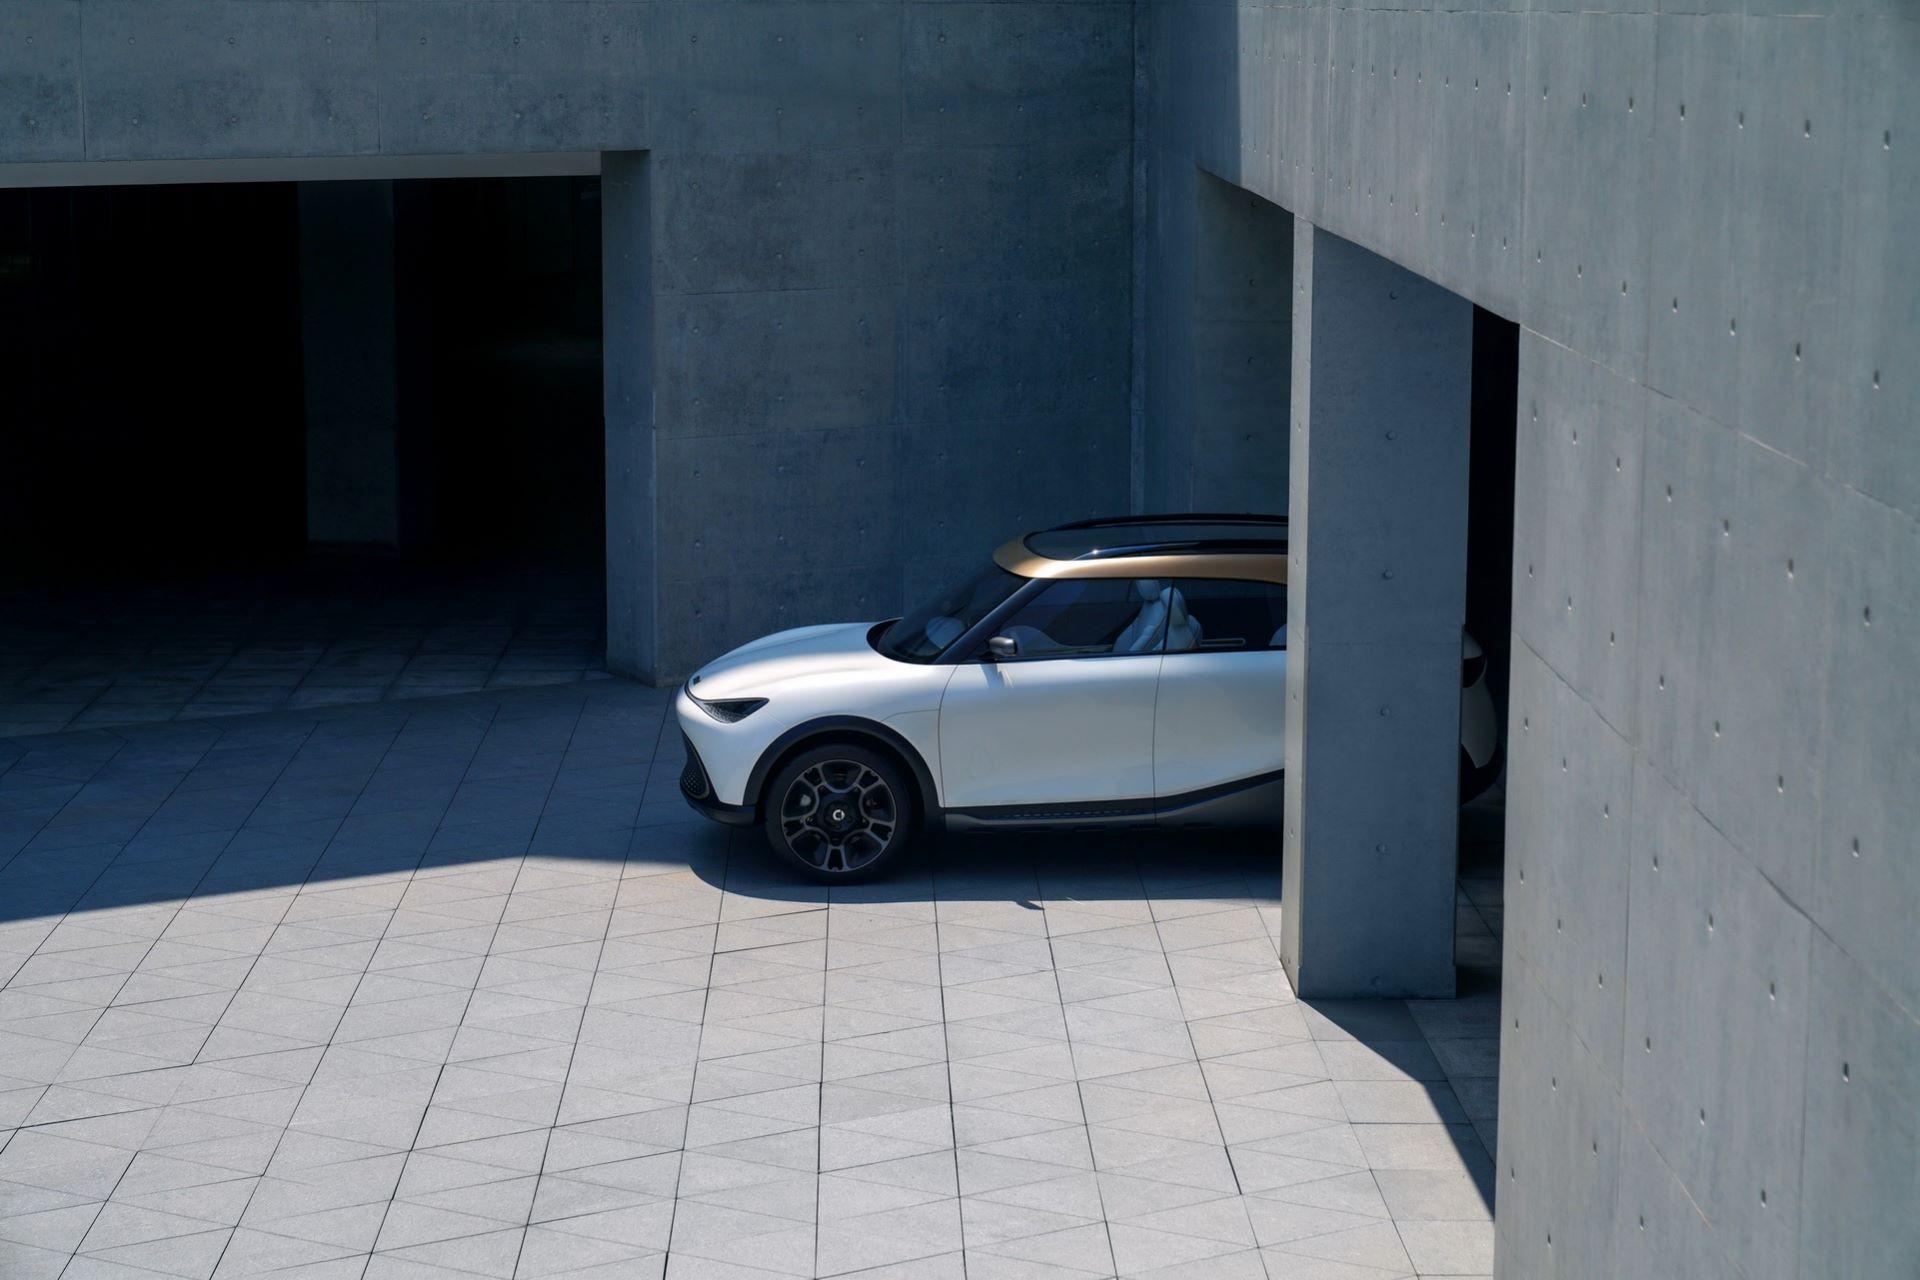 1_Smart-SUV-Concept-3